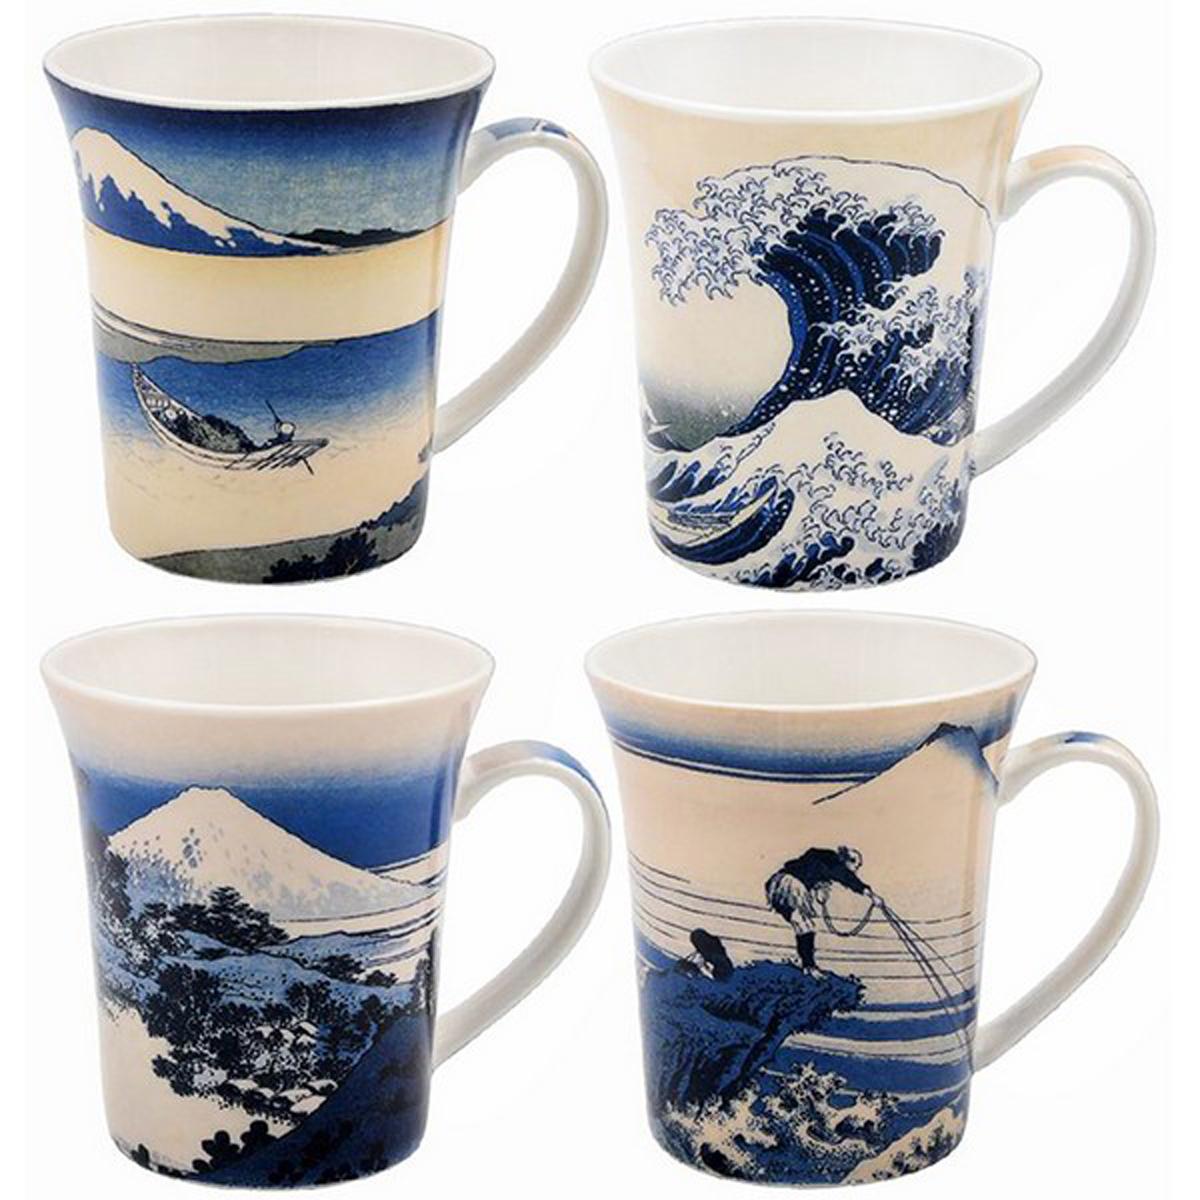 Coffret mugs porcelaine \'Hokusai\' bleu (La Grande Vague de Kanagawa)  - 10x85 cm (4 mugs) - [A0197]